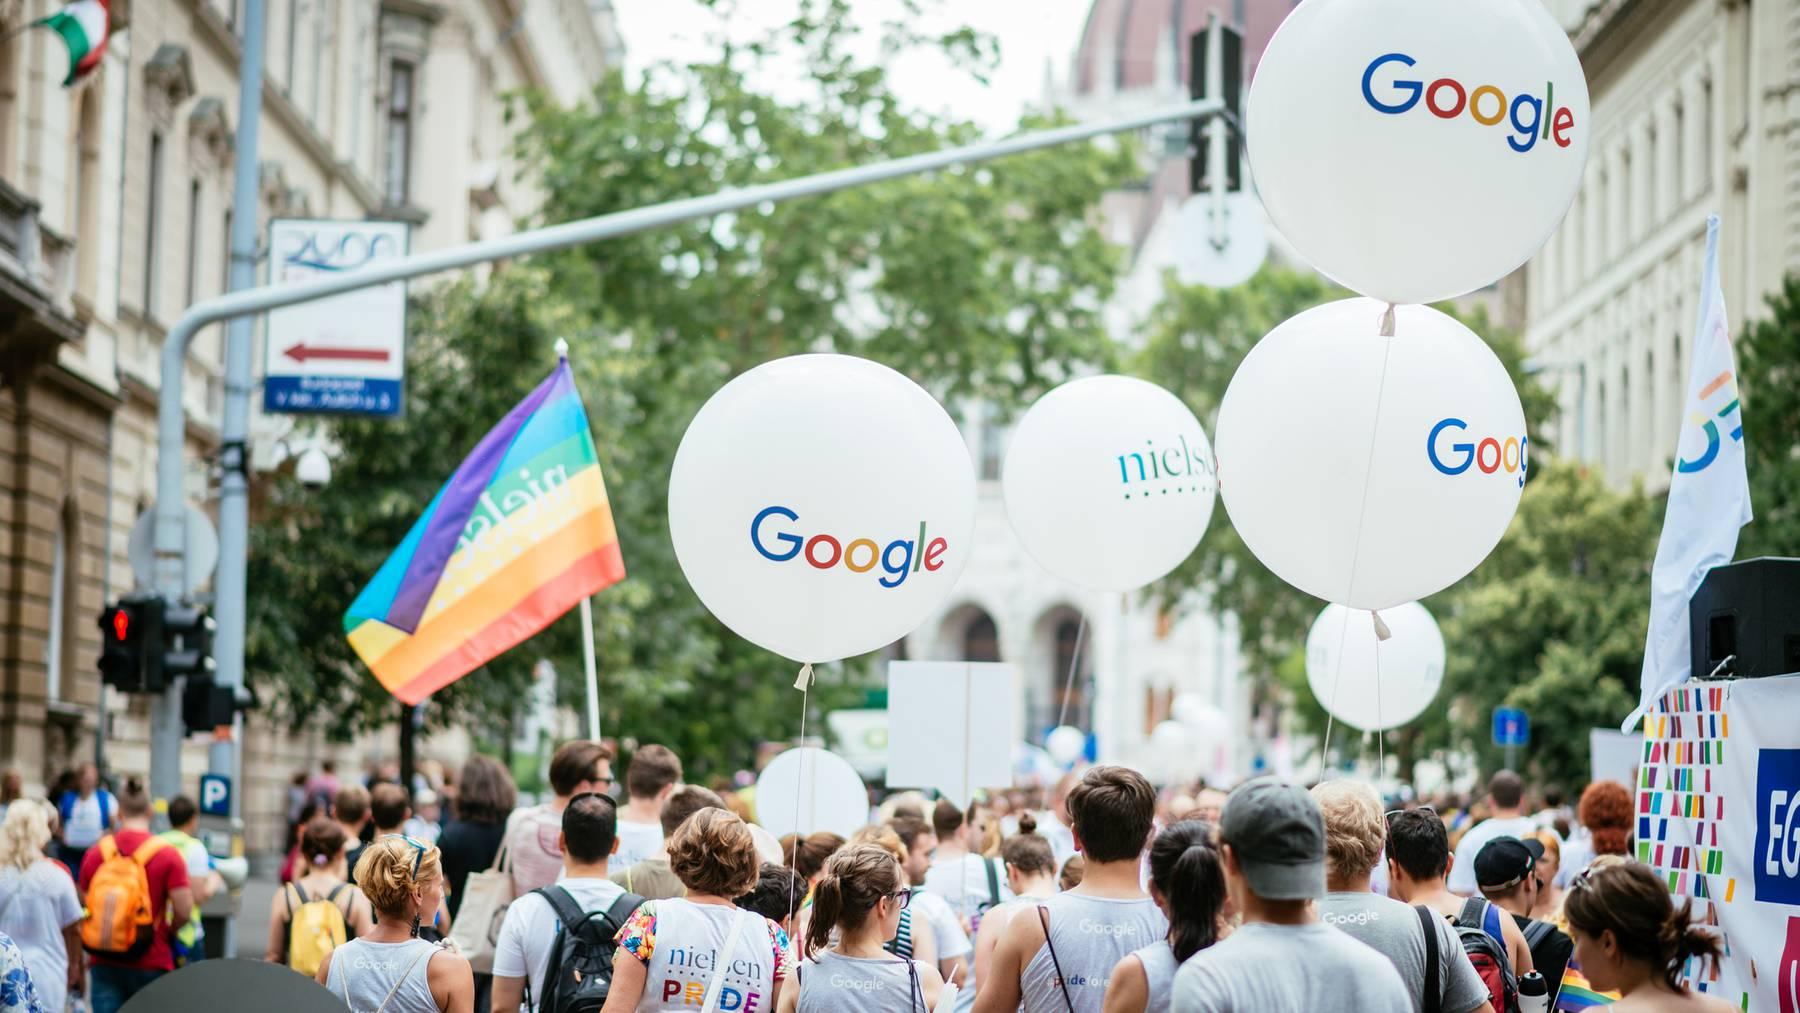 Google Schweiz feiert am Dienstag das 15-jährige Bestehen.